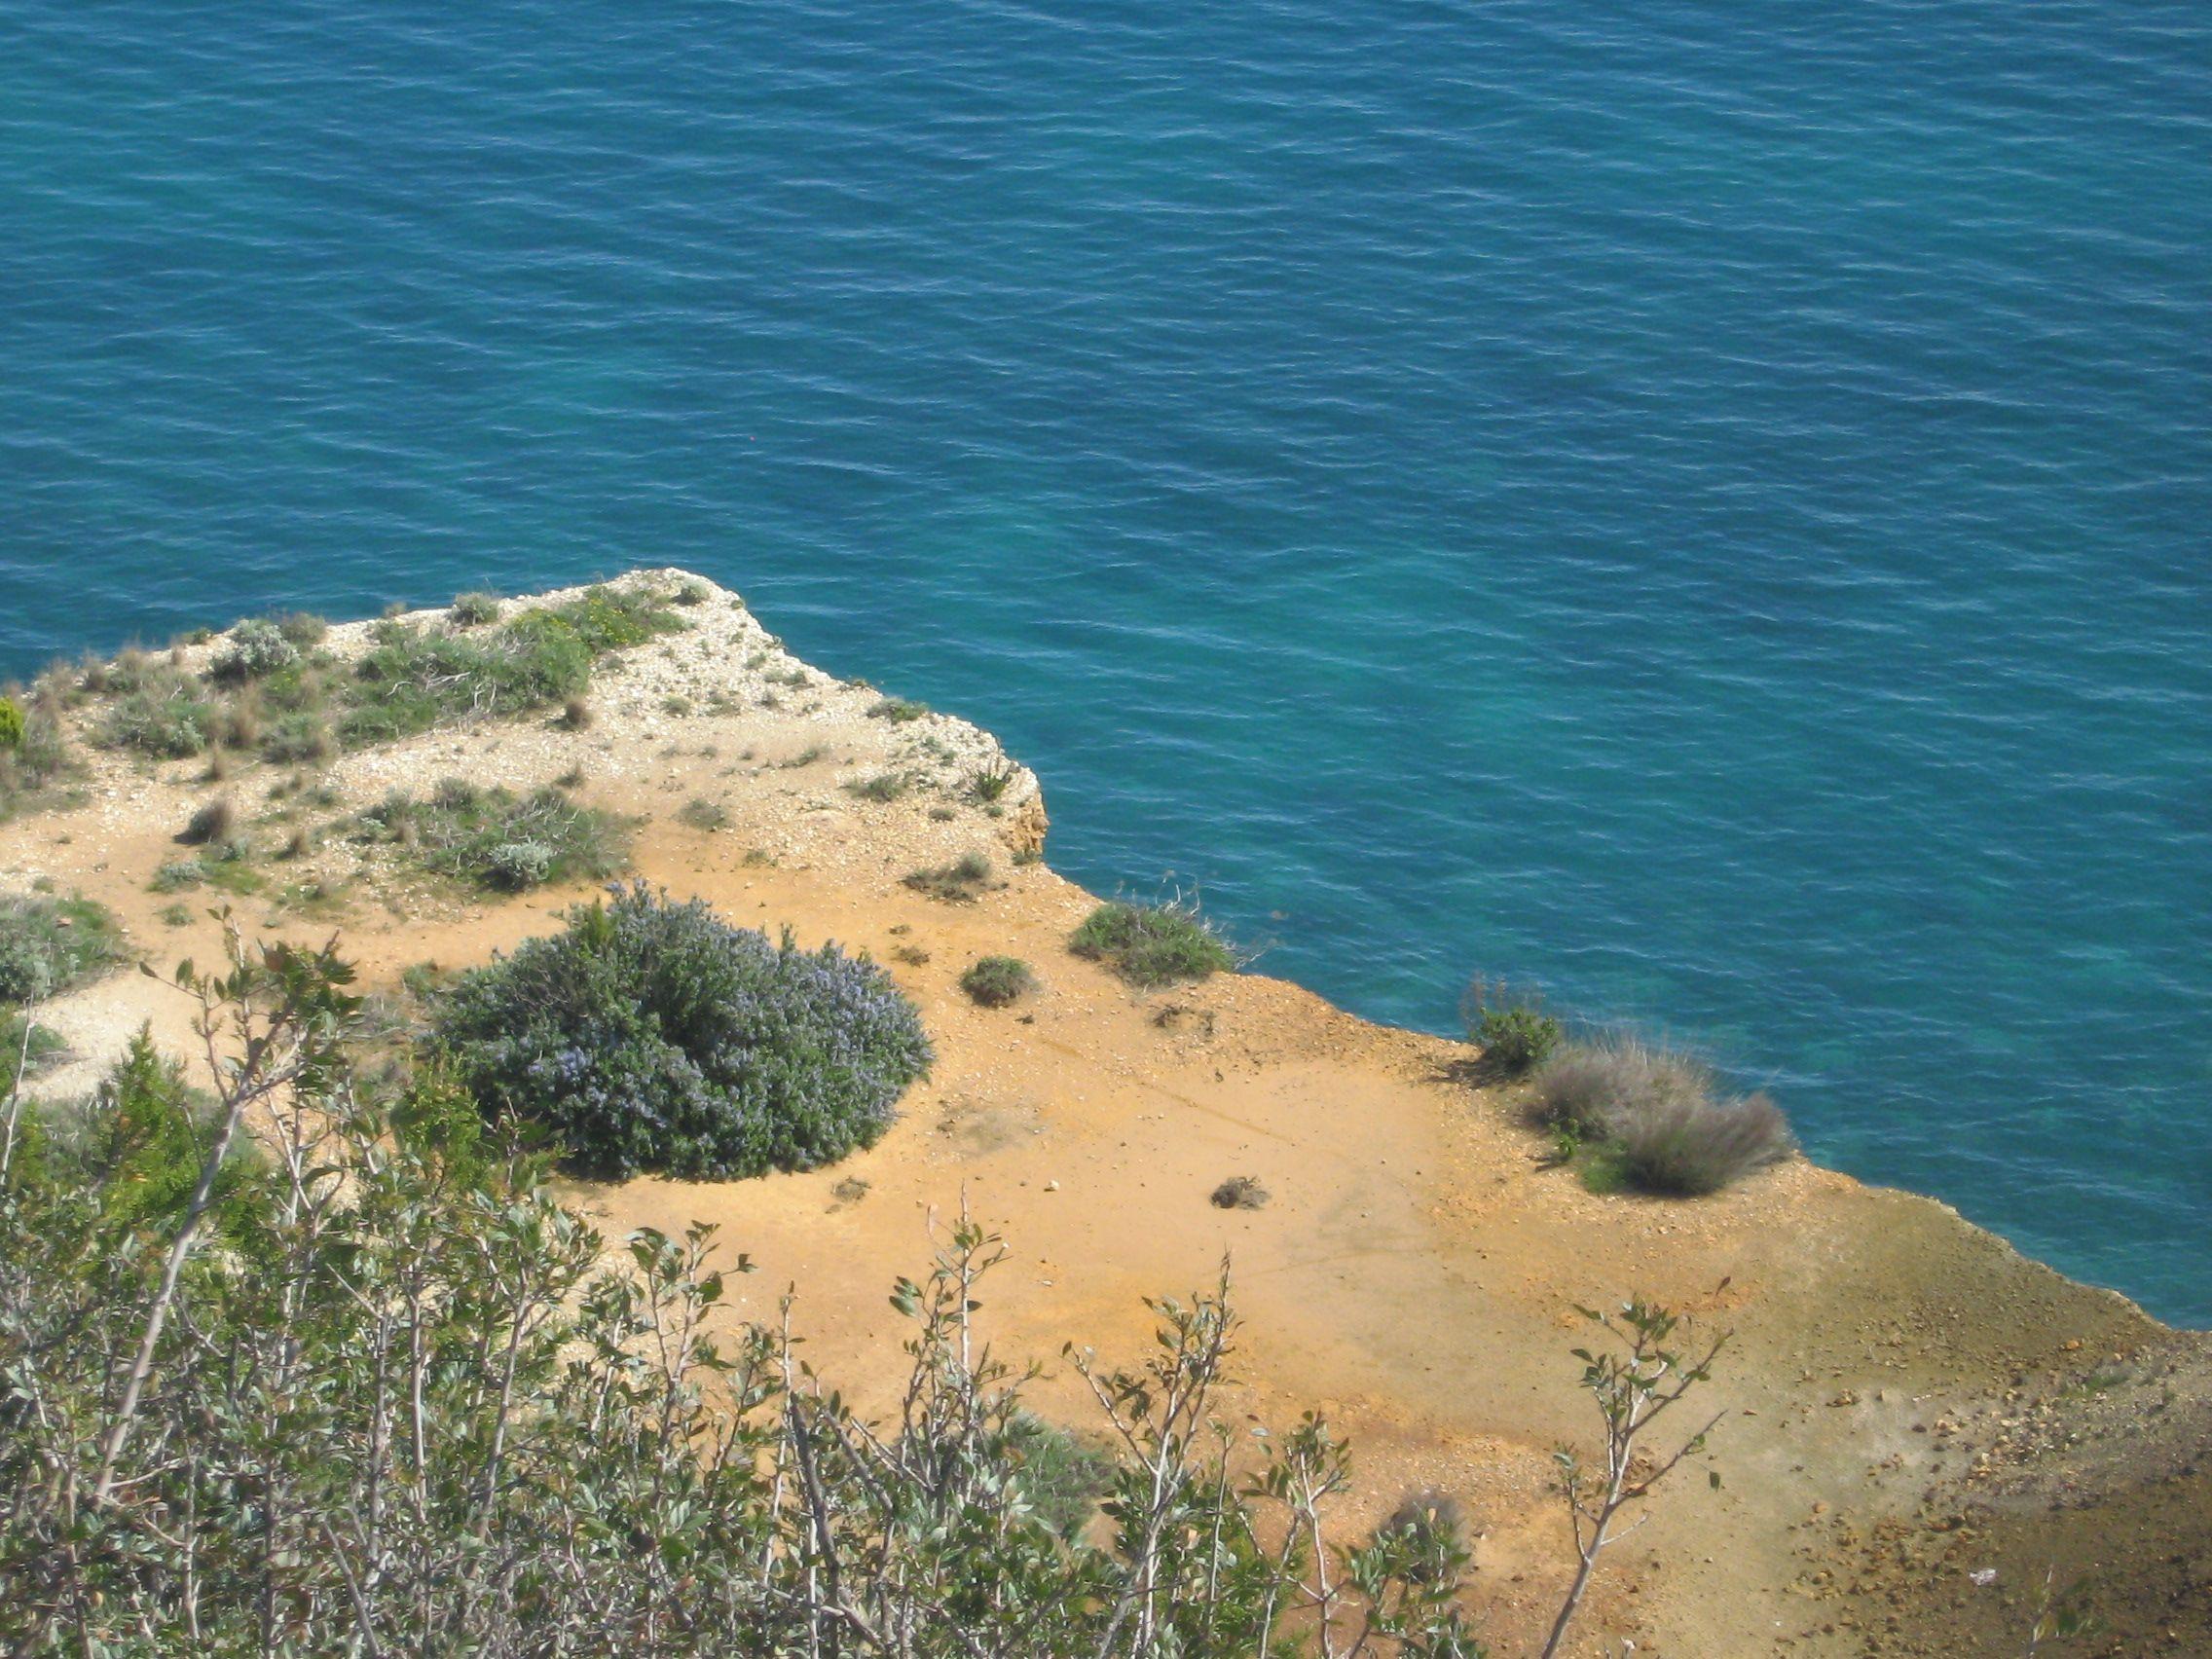 Calamita Capoliveri Insel elba, Umbrien und Toskana